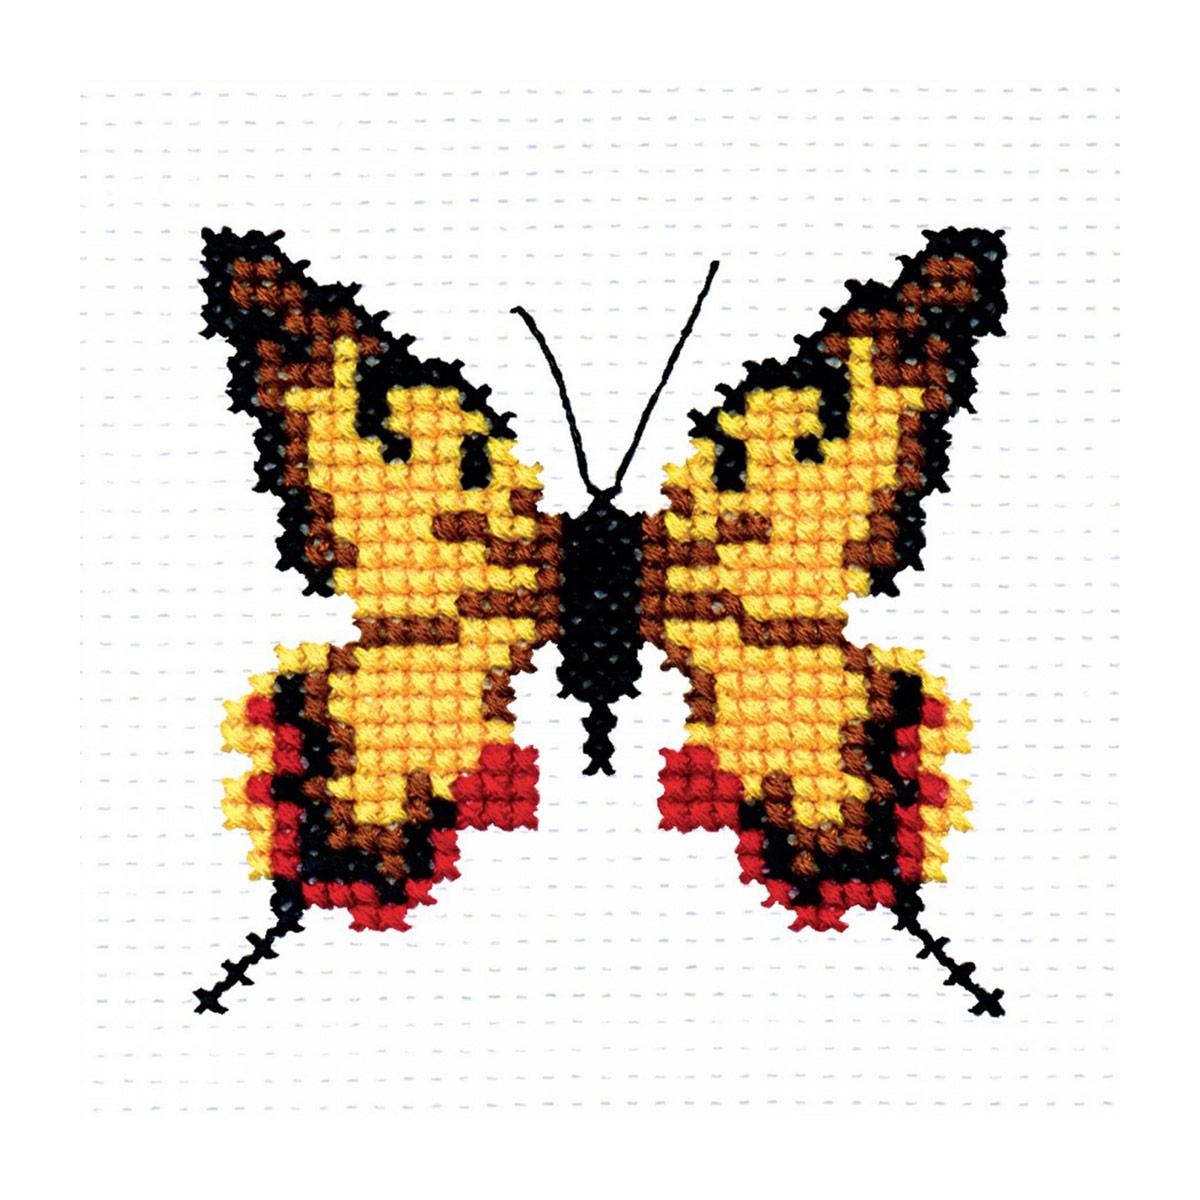 504 Набор для вышивания 'РС-Студия' 'Бабочка', 8*8 см